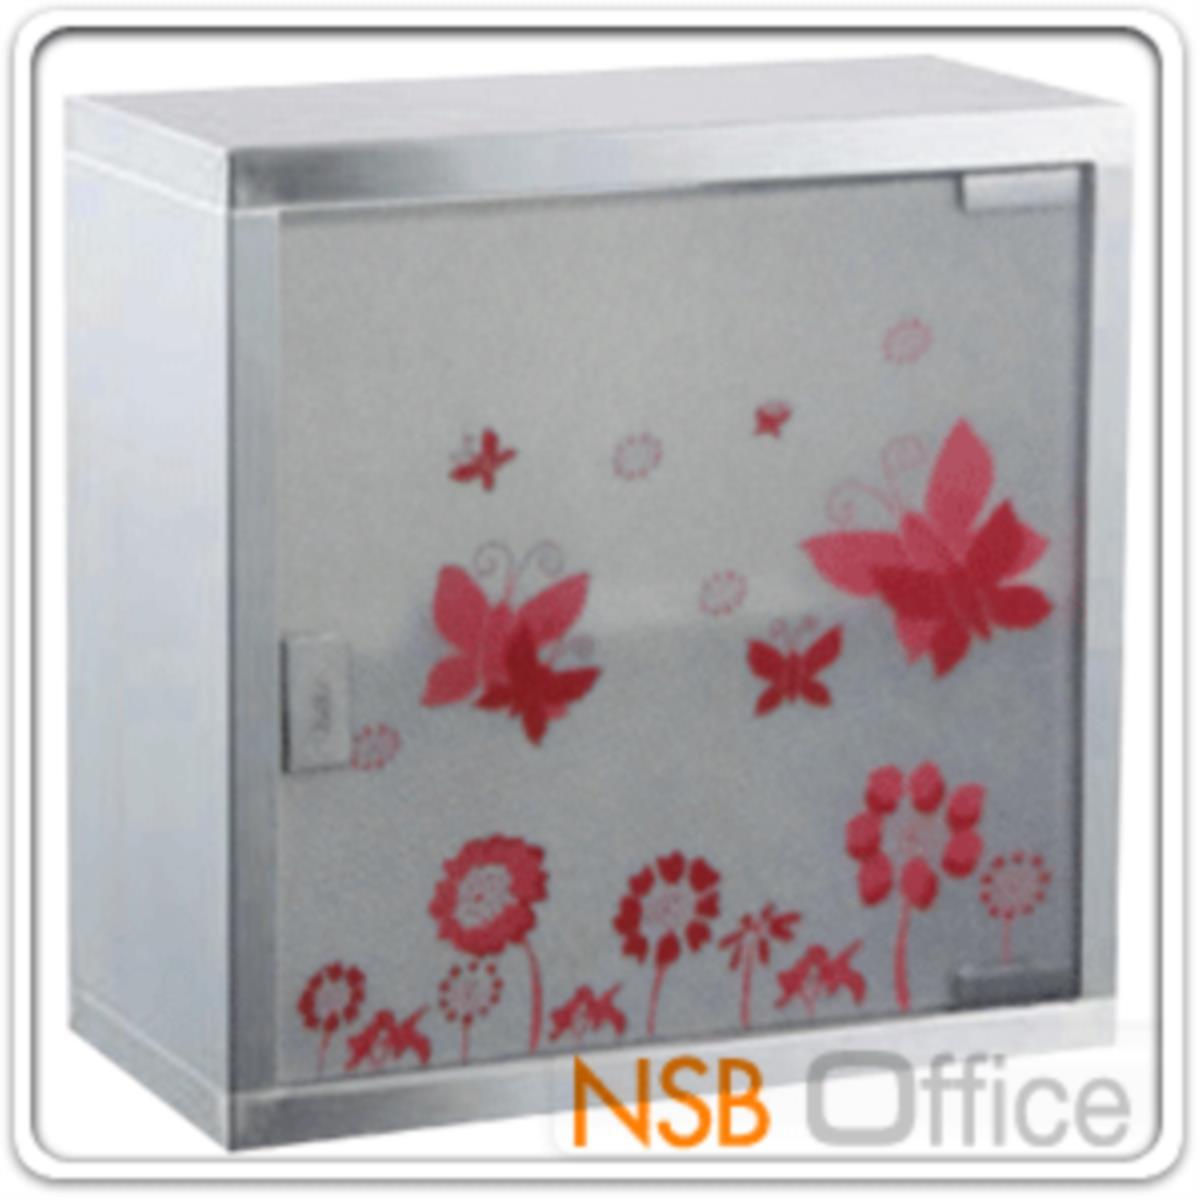 ตู้ยาสามัญประจำบ้านหน้าบานกระจก มีลวดลาย รุ่น SAVE-3